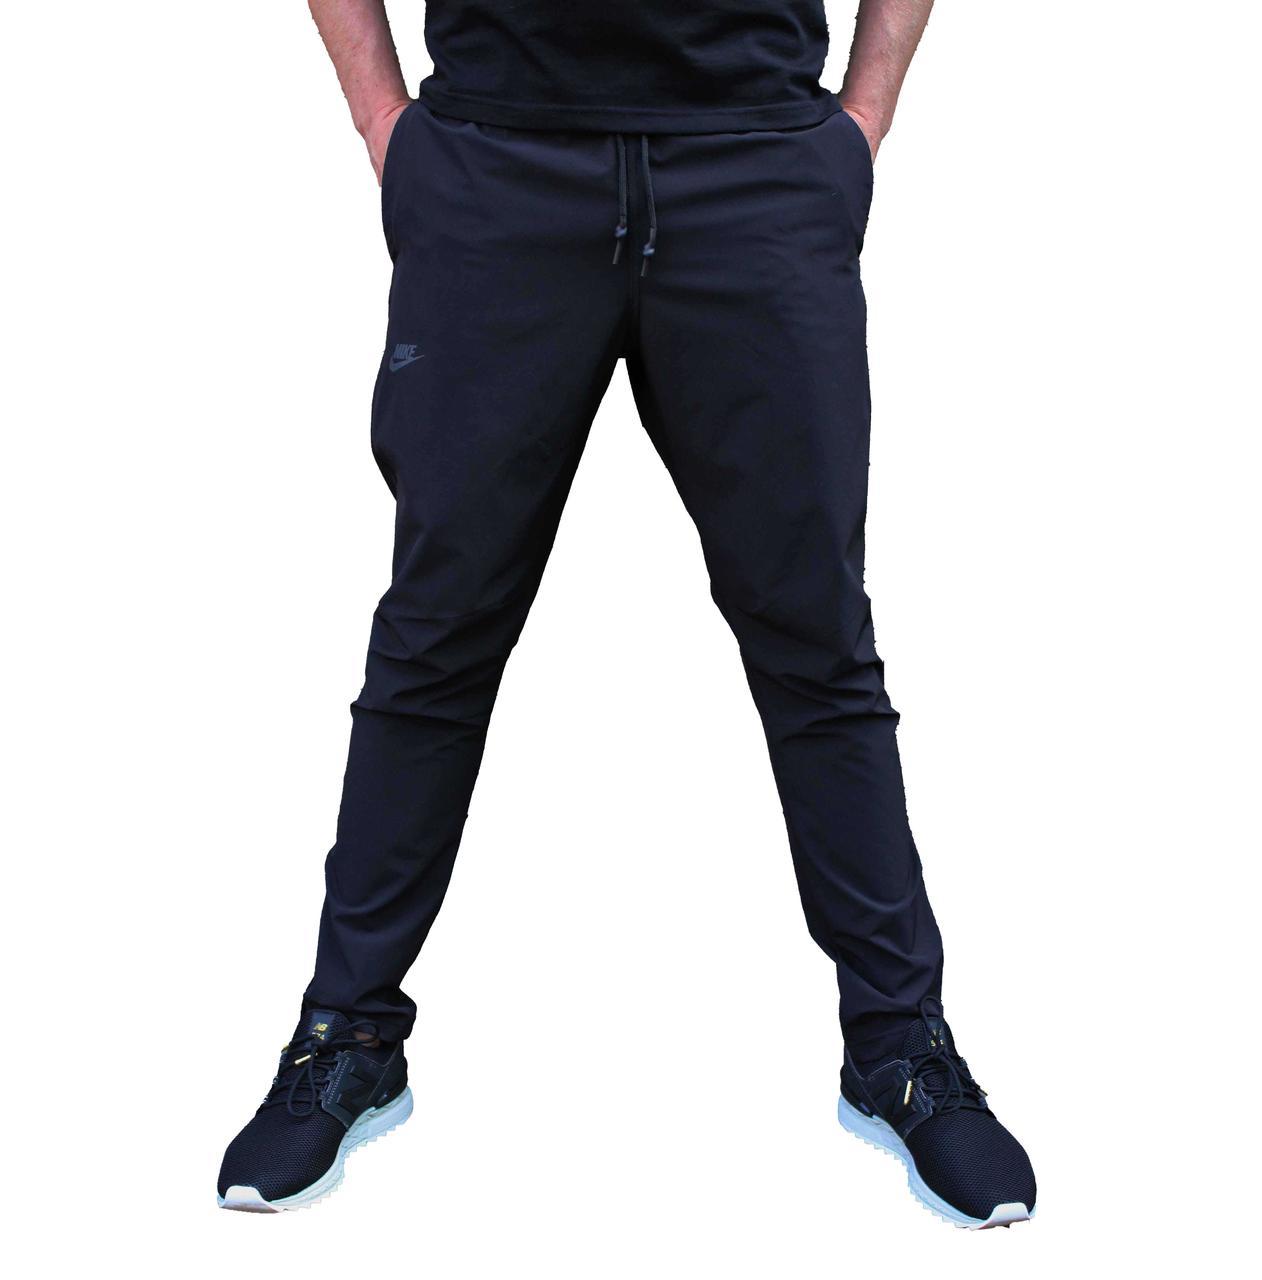 Черные летние прямые спортивные штаны Under Armour плащевка стрейч (Реплика)